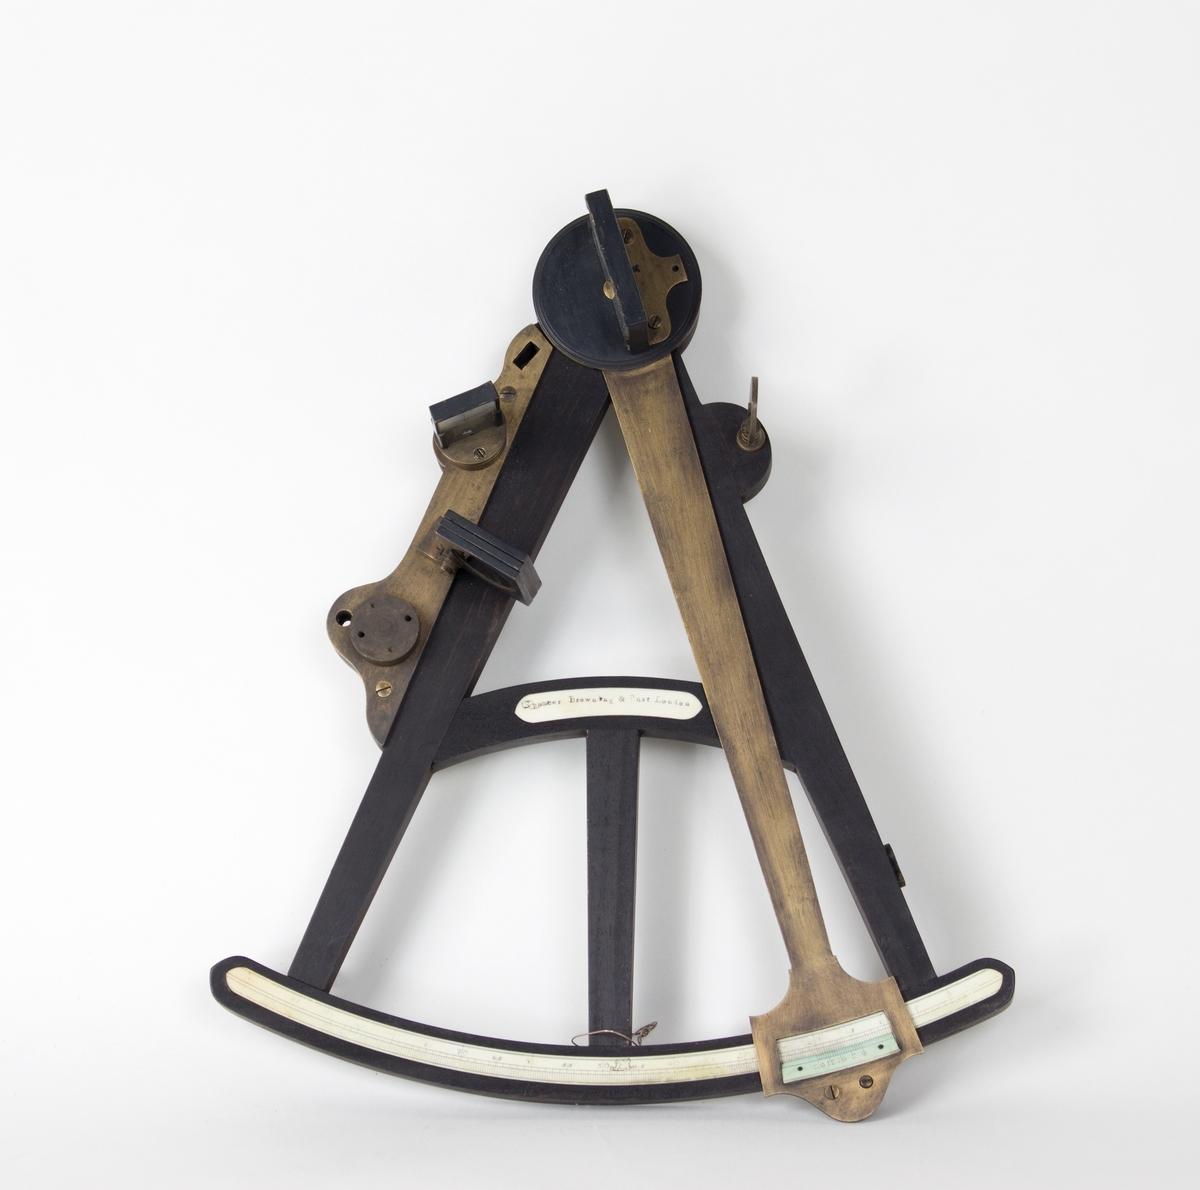 Oktant med alidade i messing med horisontalspeil. Måleinstrument brukt i navigasjon.